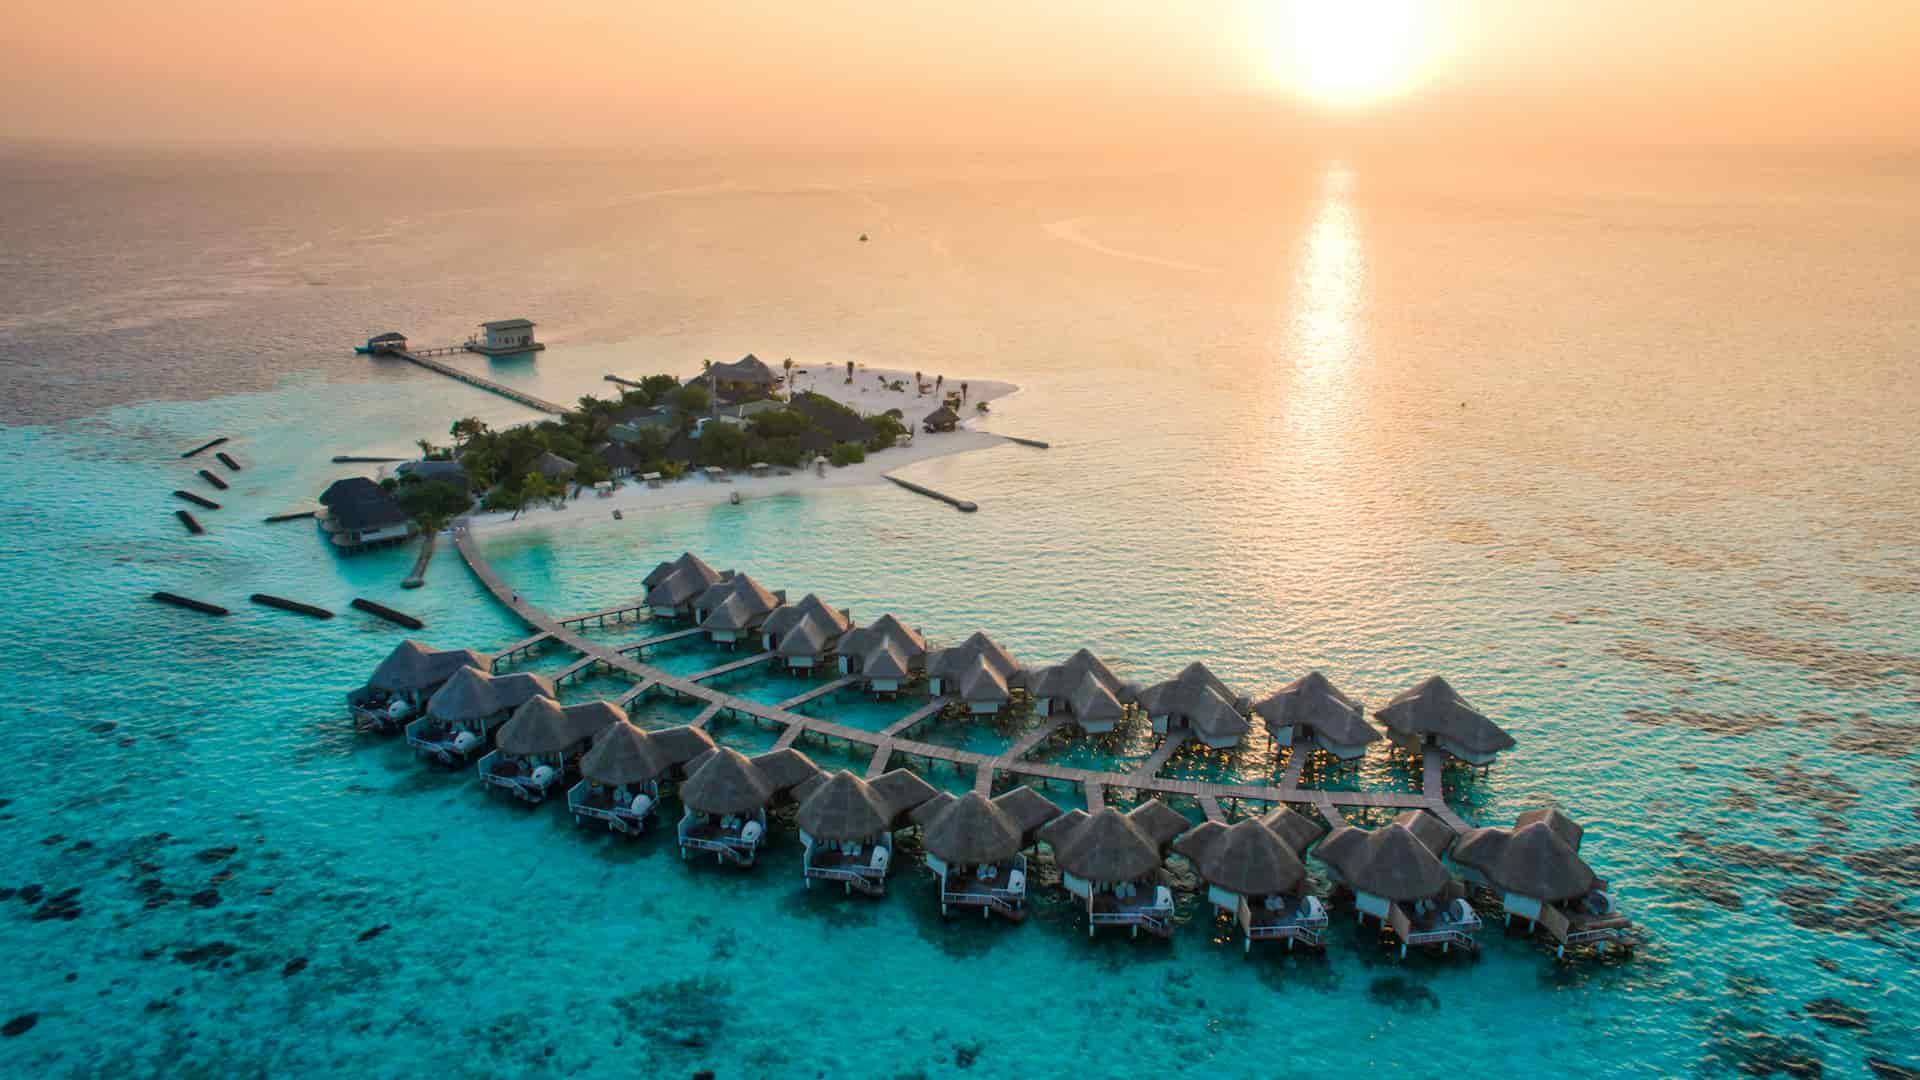 Drift Thelu Veliga Resort Atollo Ari Sud